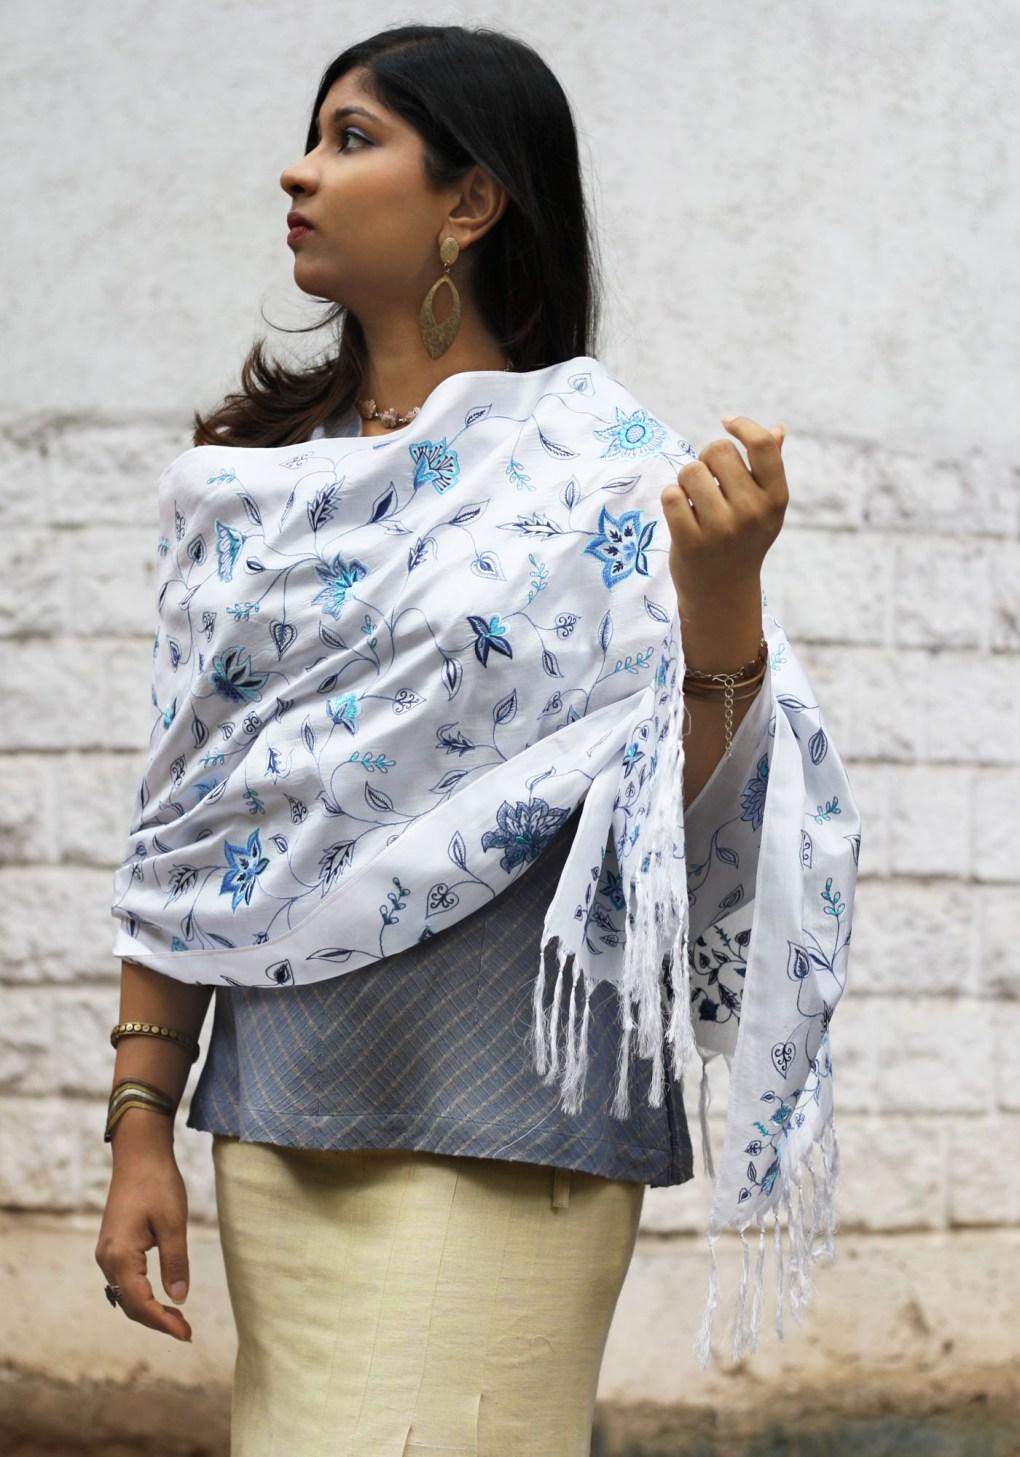 MINC couture Delphinium Embroidered Scarf in White Silk